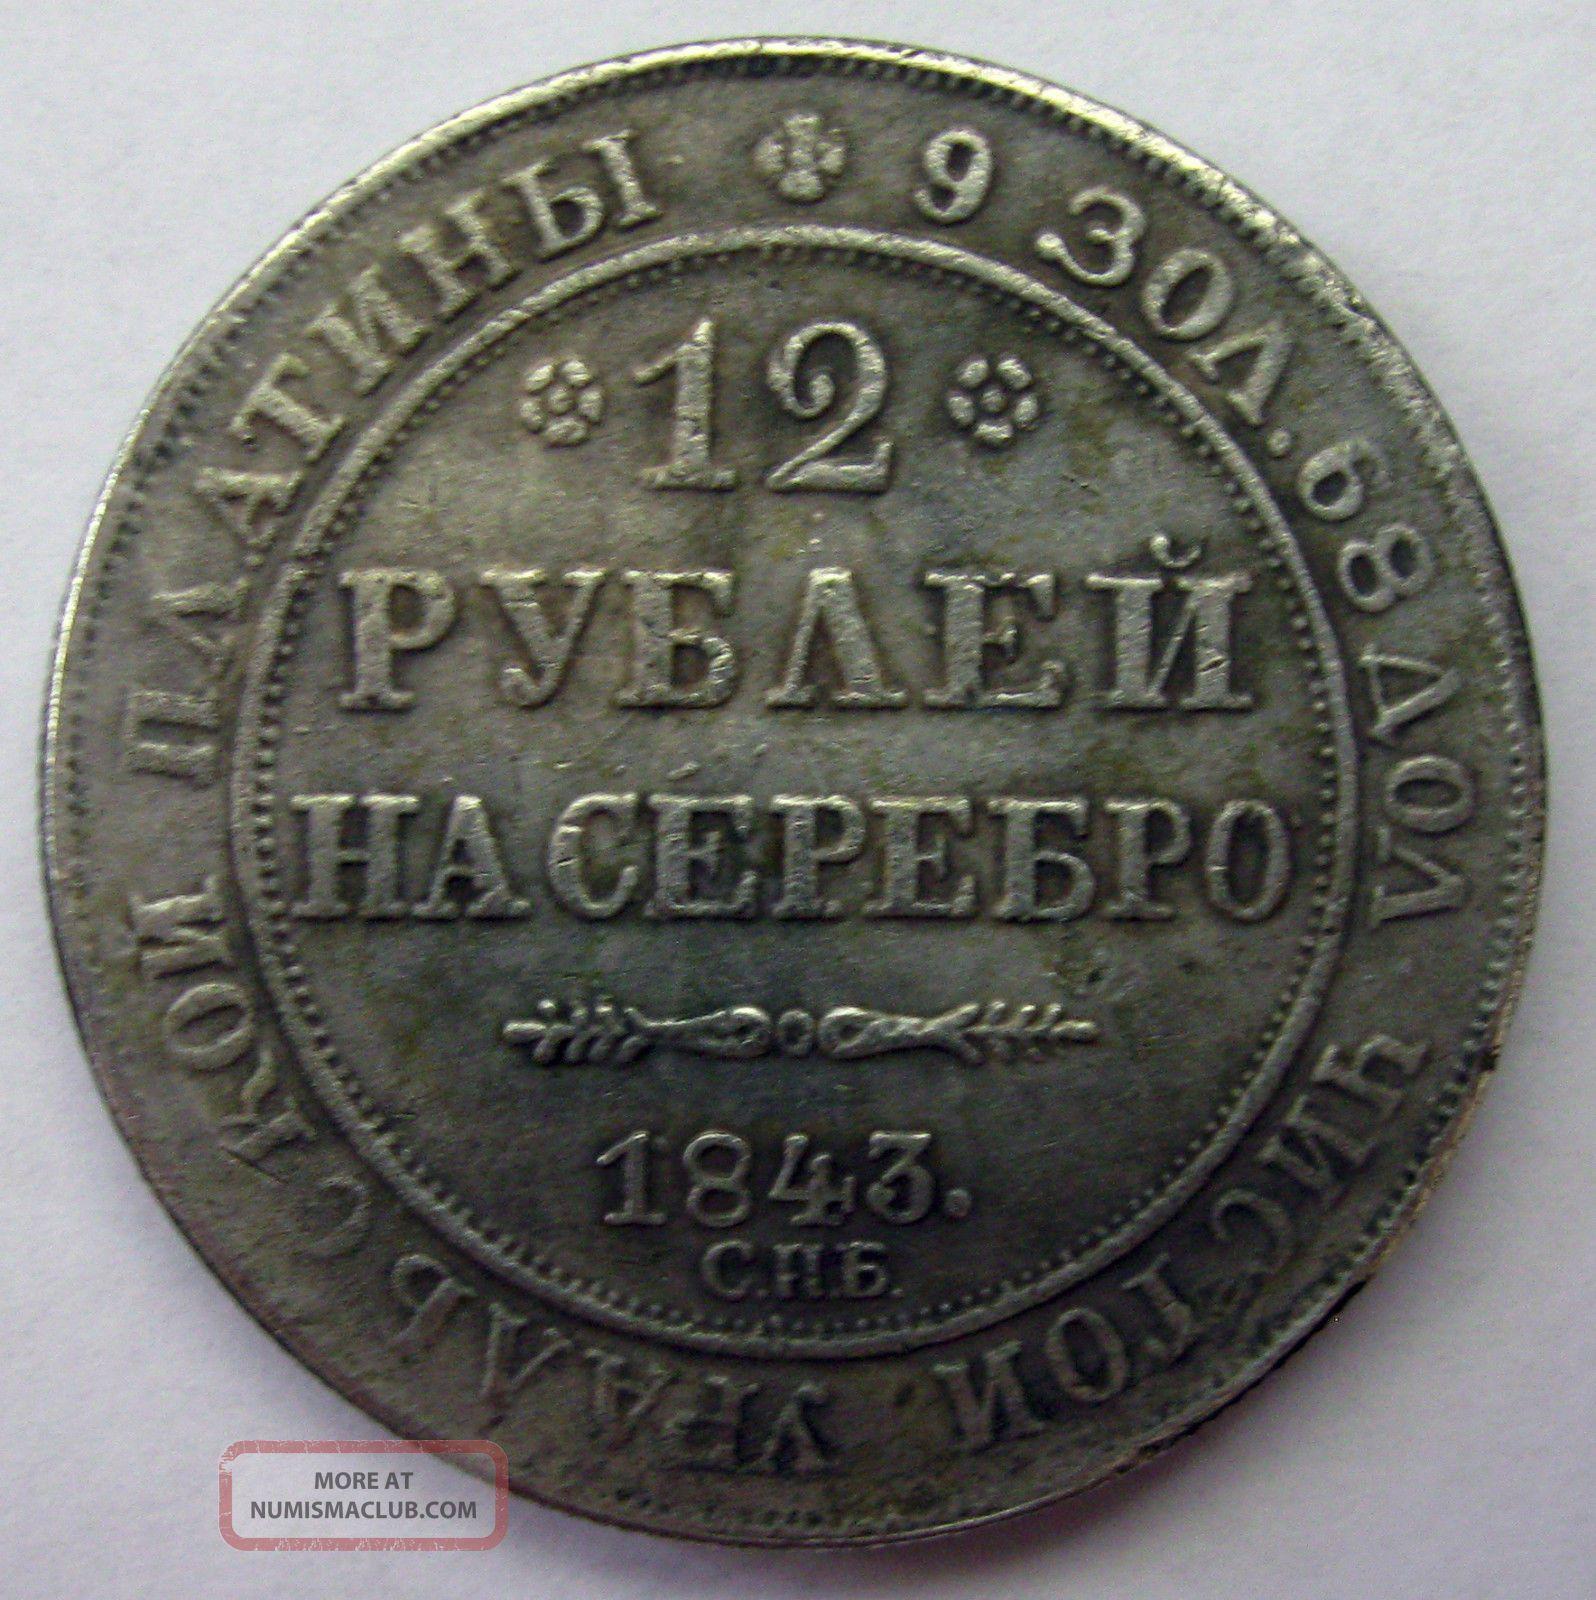 Russia Empire 12 Roubles 1843 СПБ (restrike) C 179 Russia photo